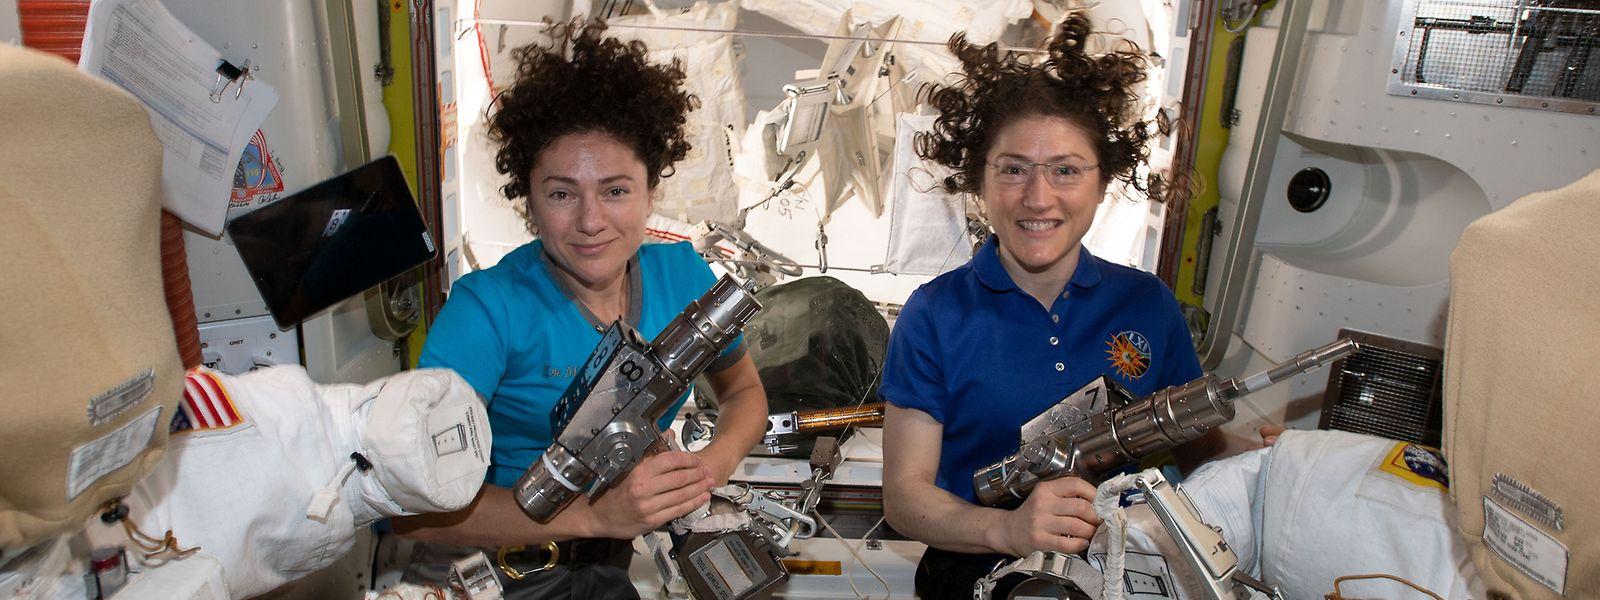 Die US-Astronautinnen Christina Koch (r) und Jessica Meir auf der Internationalen Raumstation.